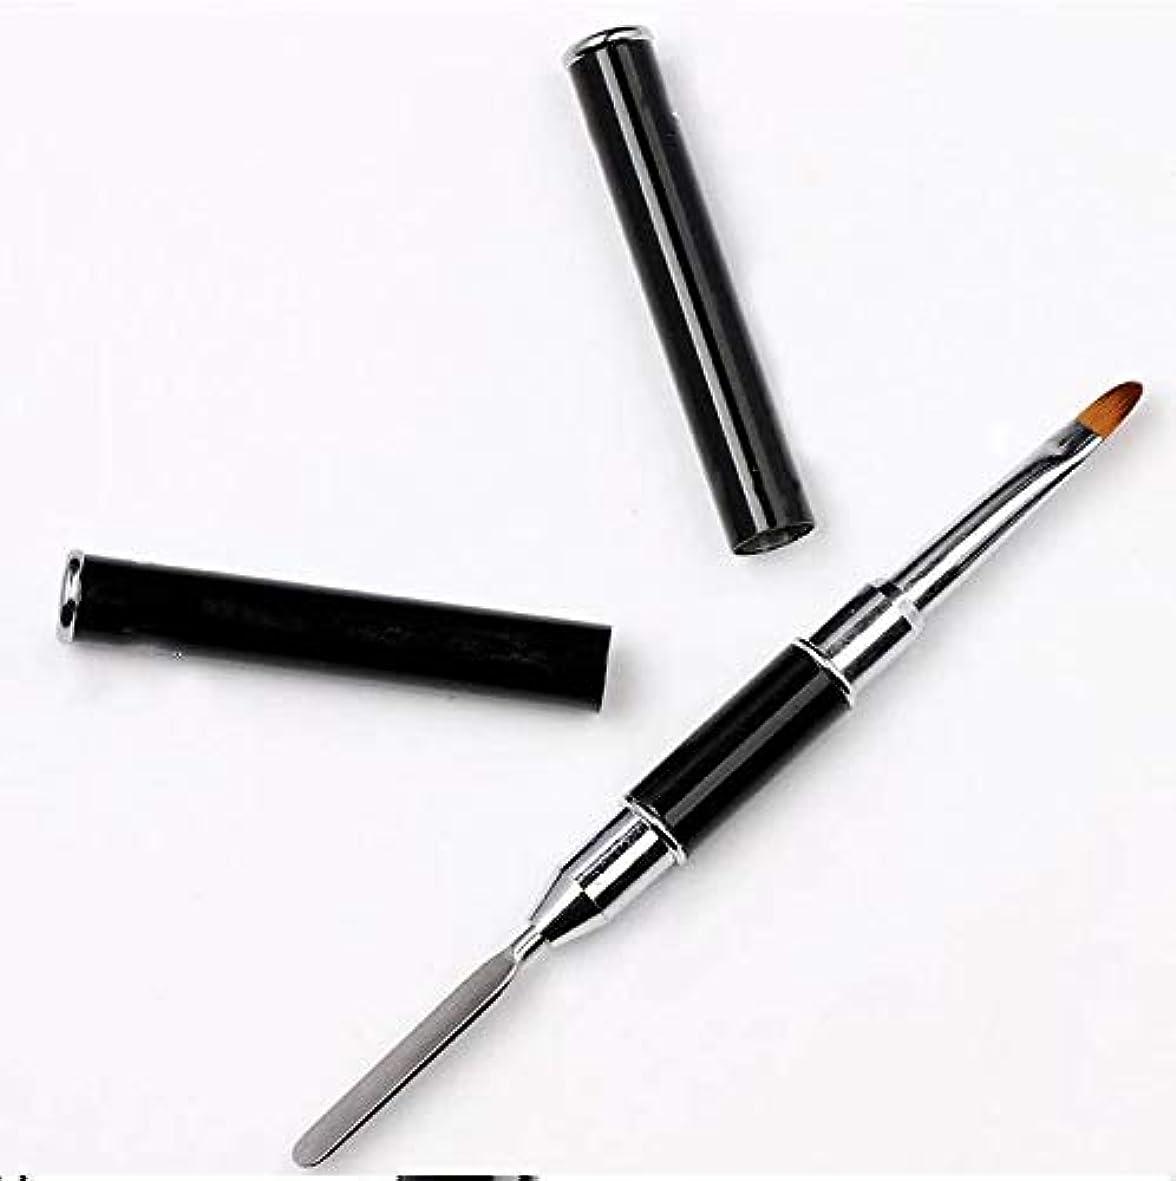 酸化物なぜ悲しいことにネイル用 2Way ダブルヘッドブラシ ジェルネイル ポリジェル ネイルアート スパチュラ付き クリアケース入りネイル筆